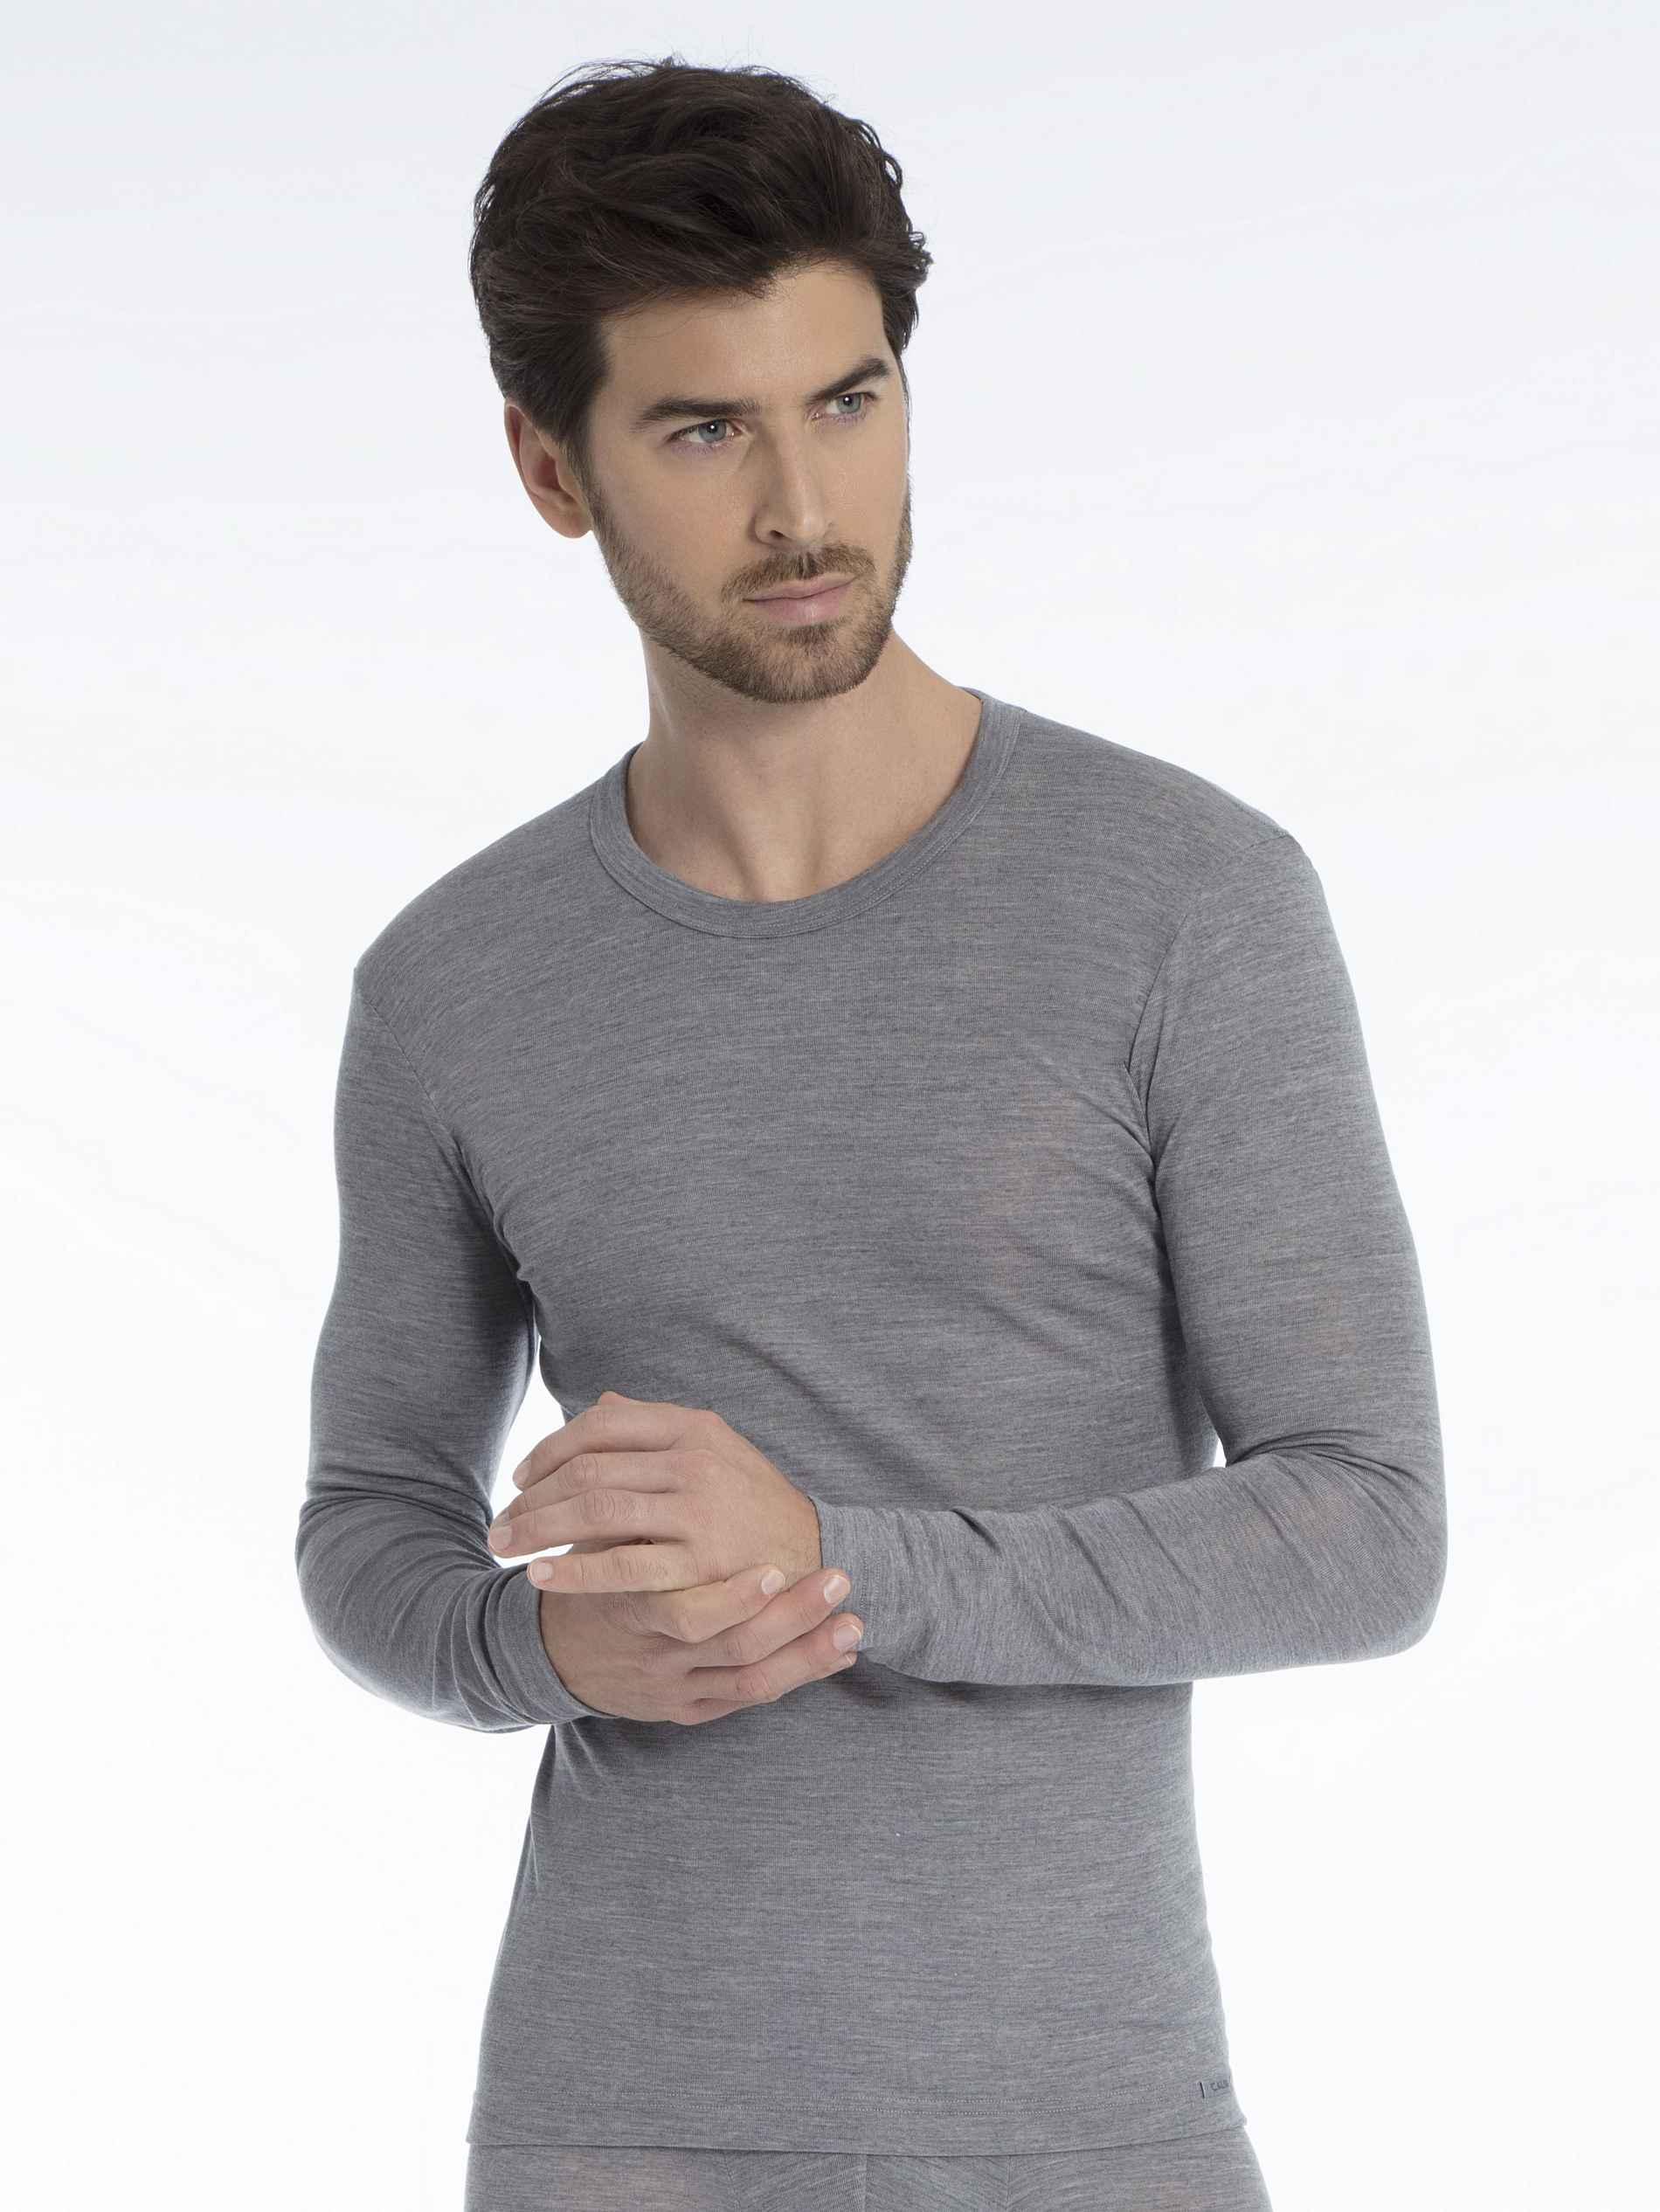 Herren CALIDA Wool & Silk Langarm-Shirt aus Wolle und Seide grau   07613306421702